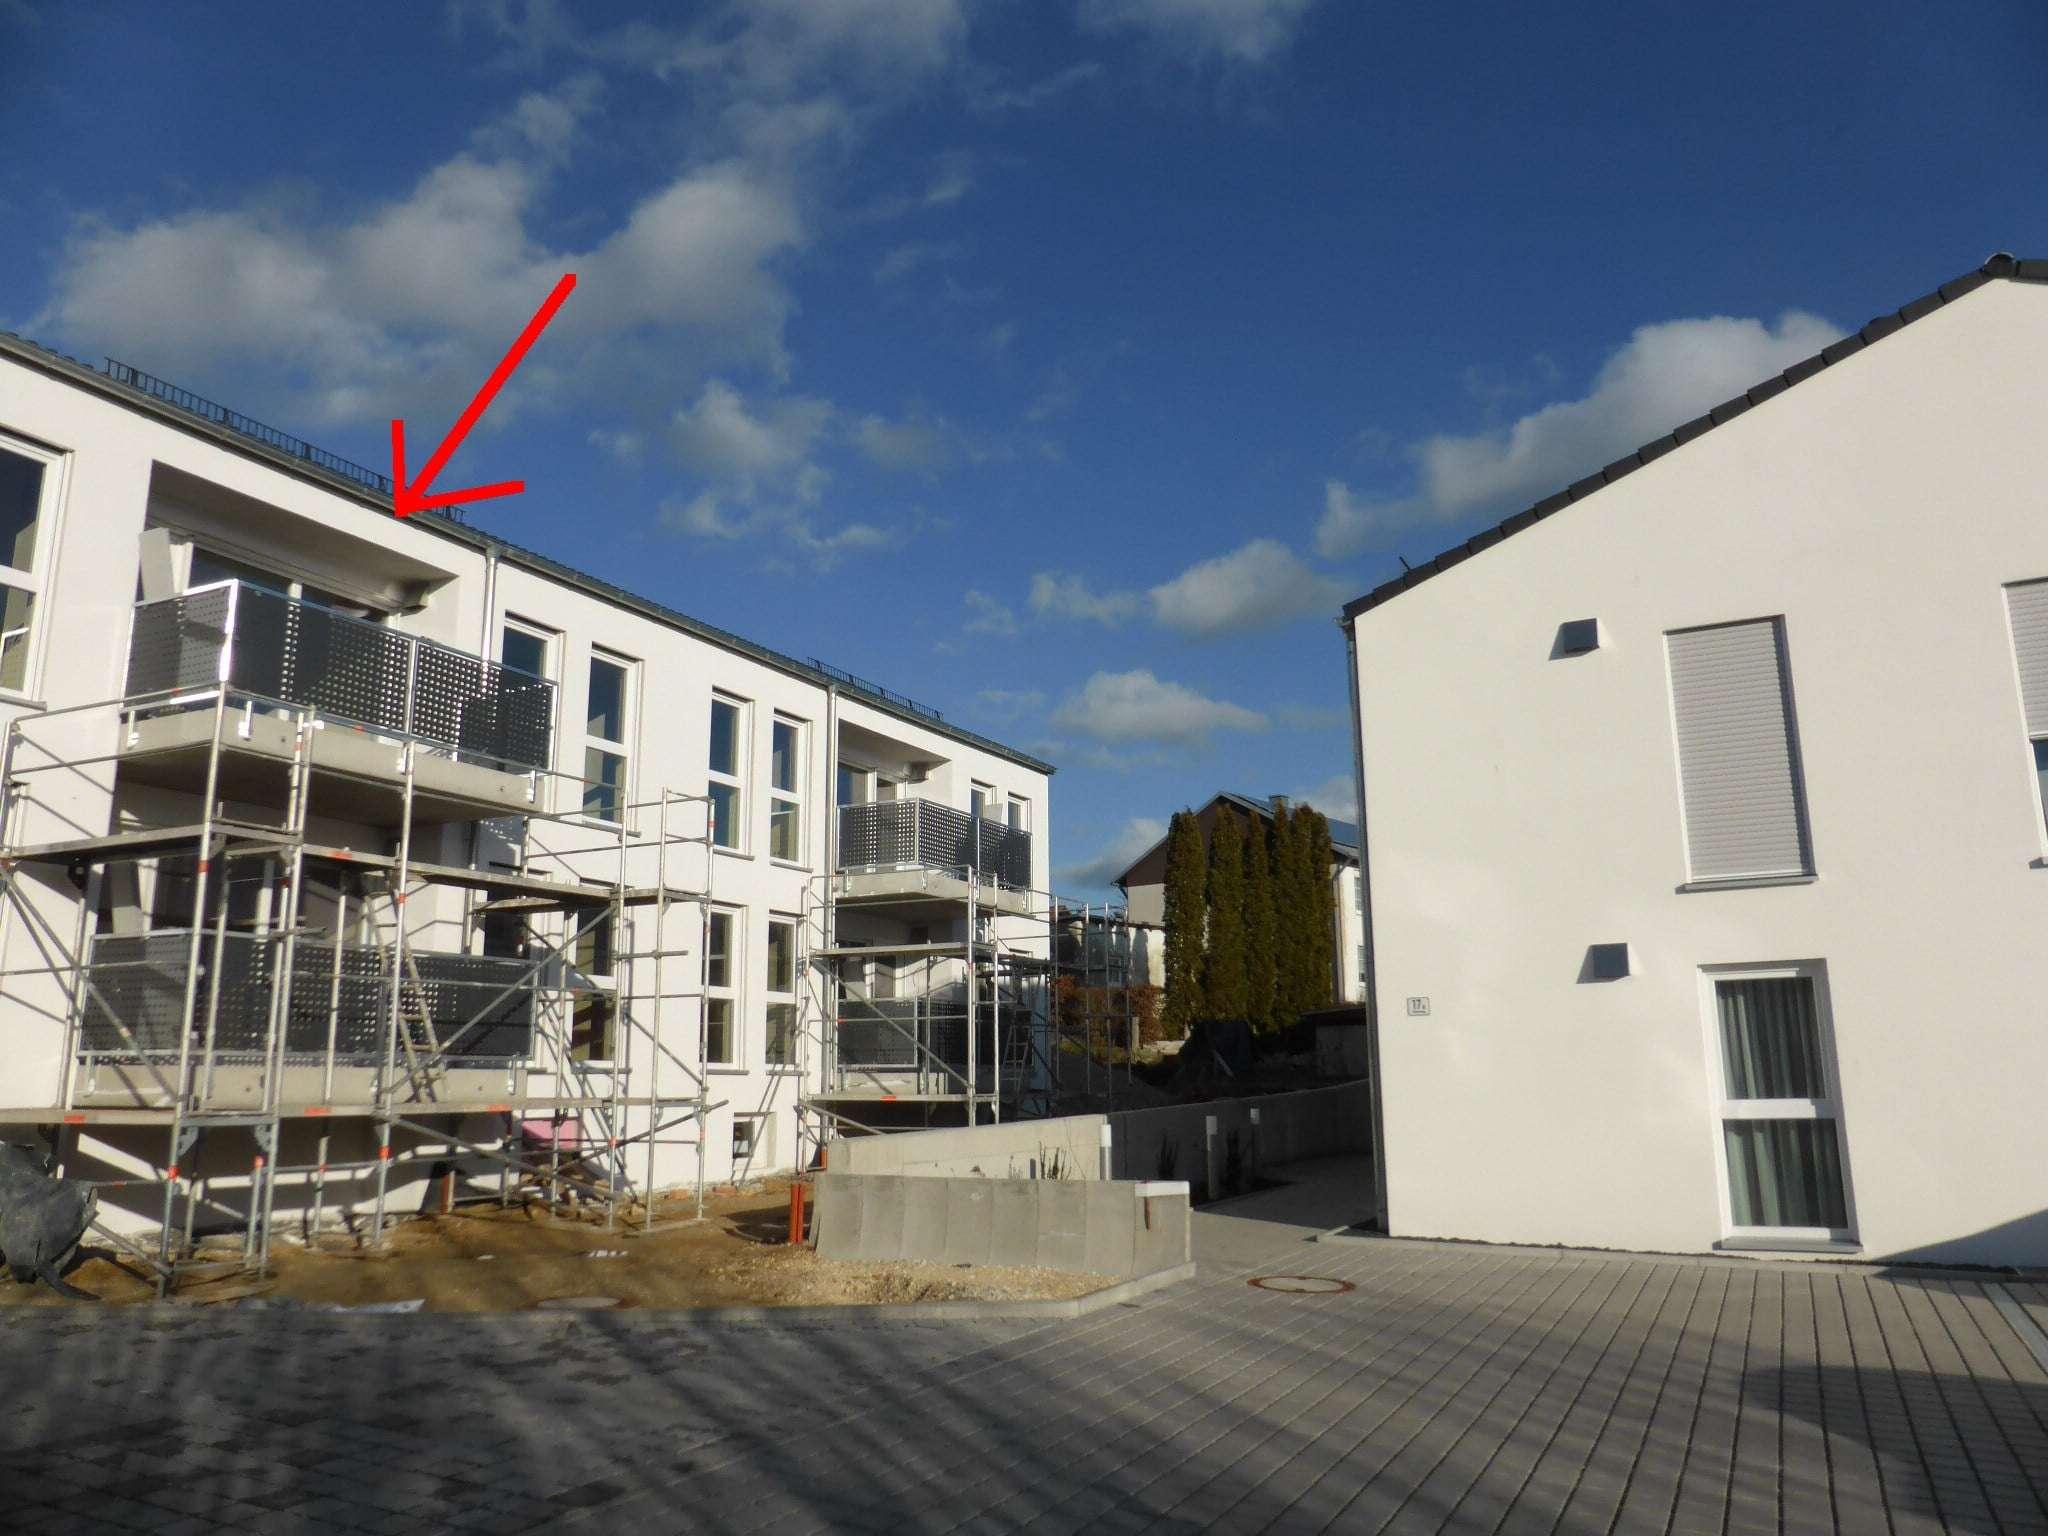 Zu Vemieten - 3-Zimmer-Neubau-Wohnung in Ihrlerstein mit Carport und KFZ-Stellplatz in Ihrlerstein